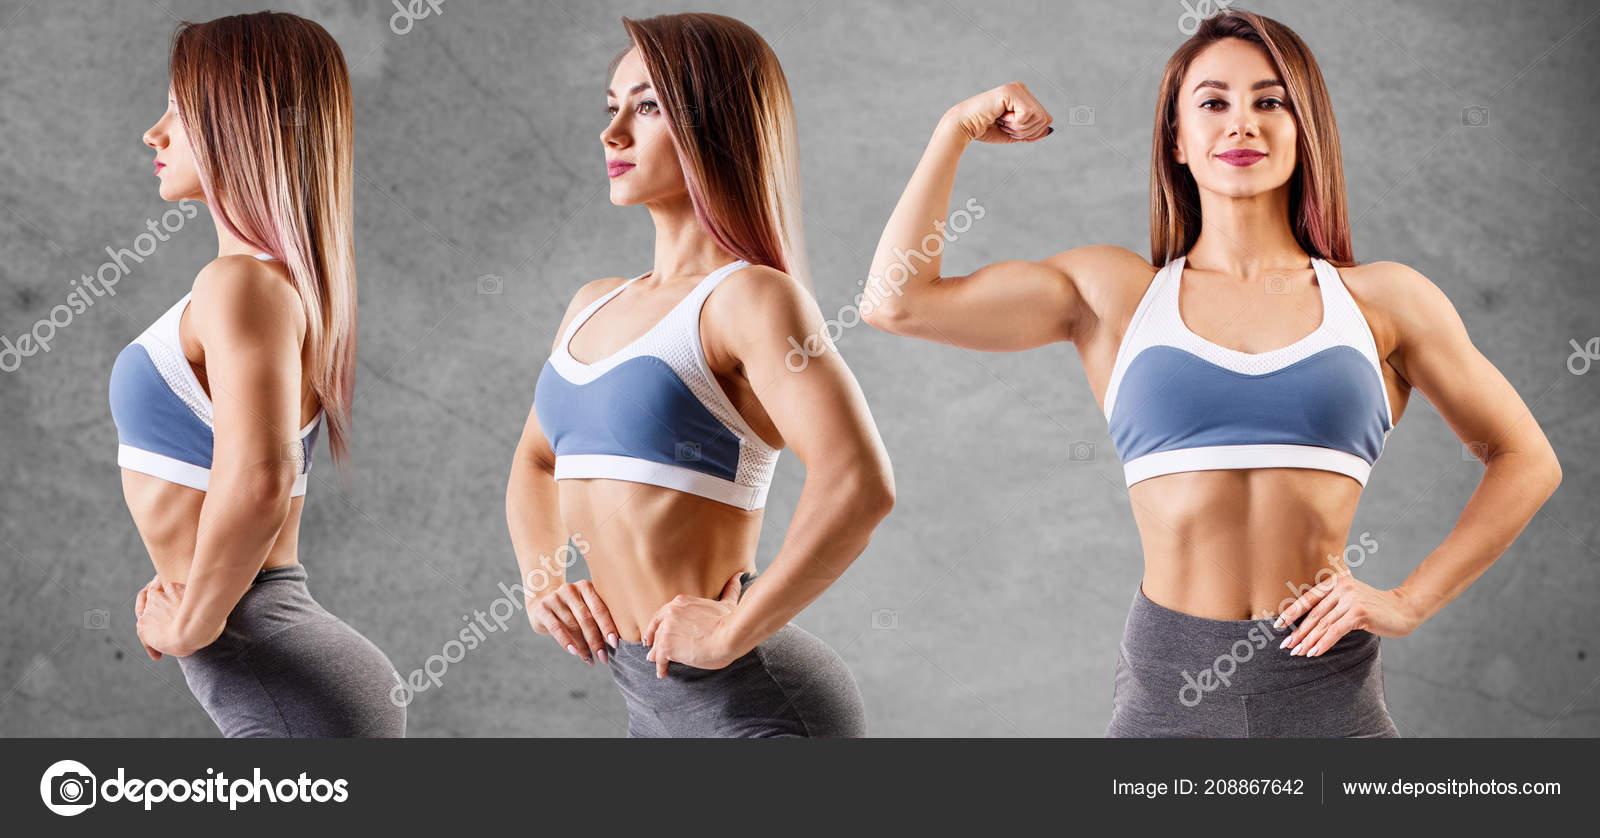 Фото красивое спортивное тело женщины 3